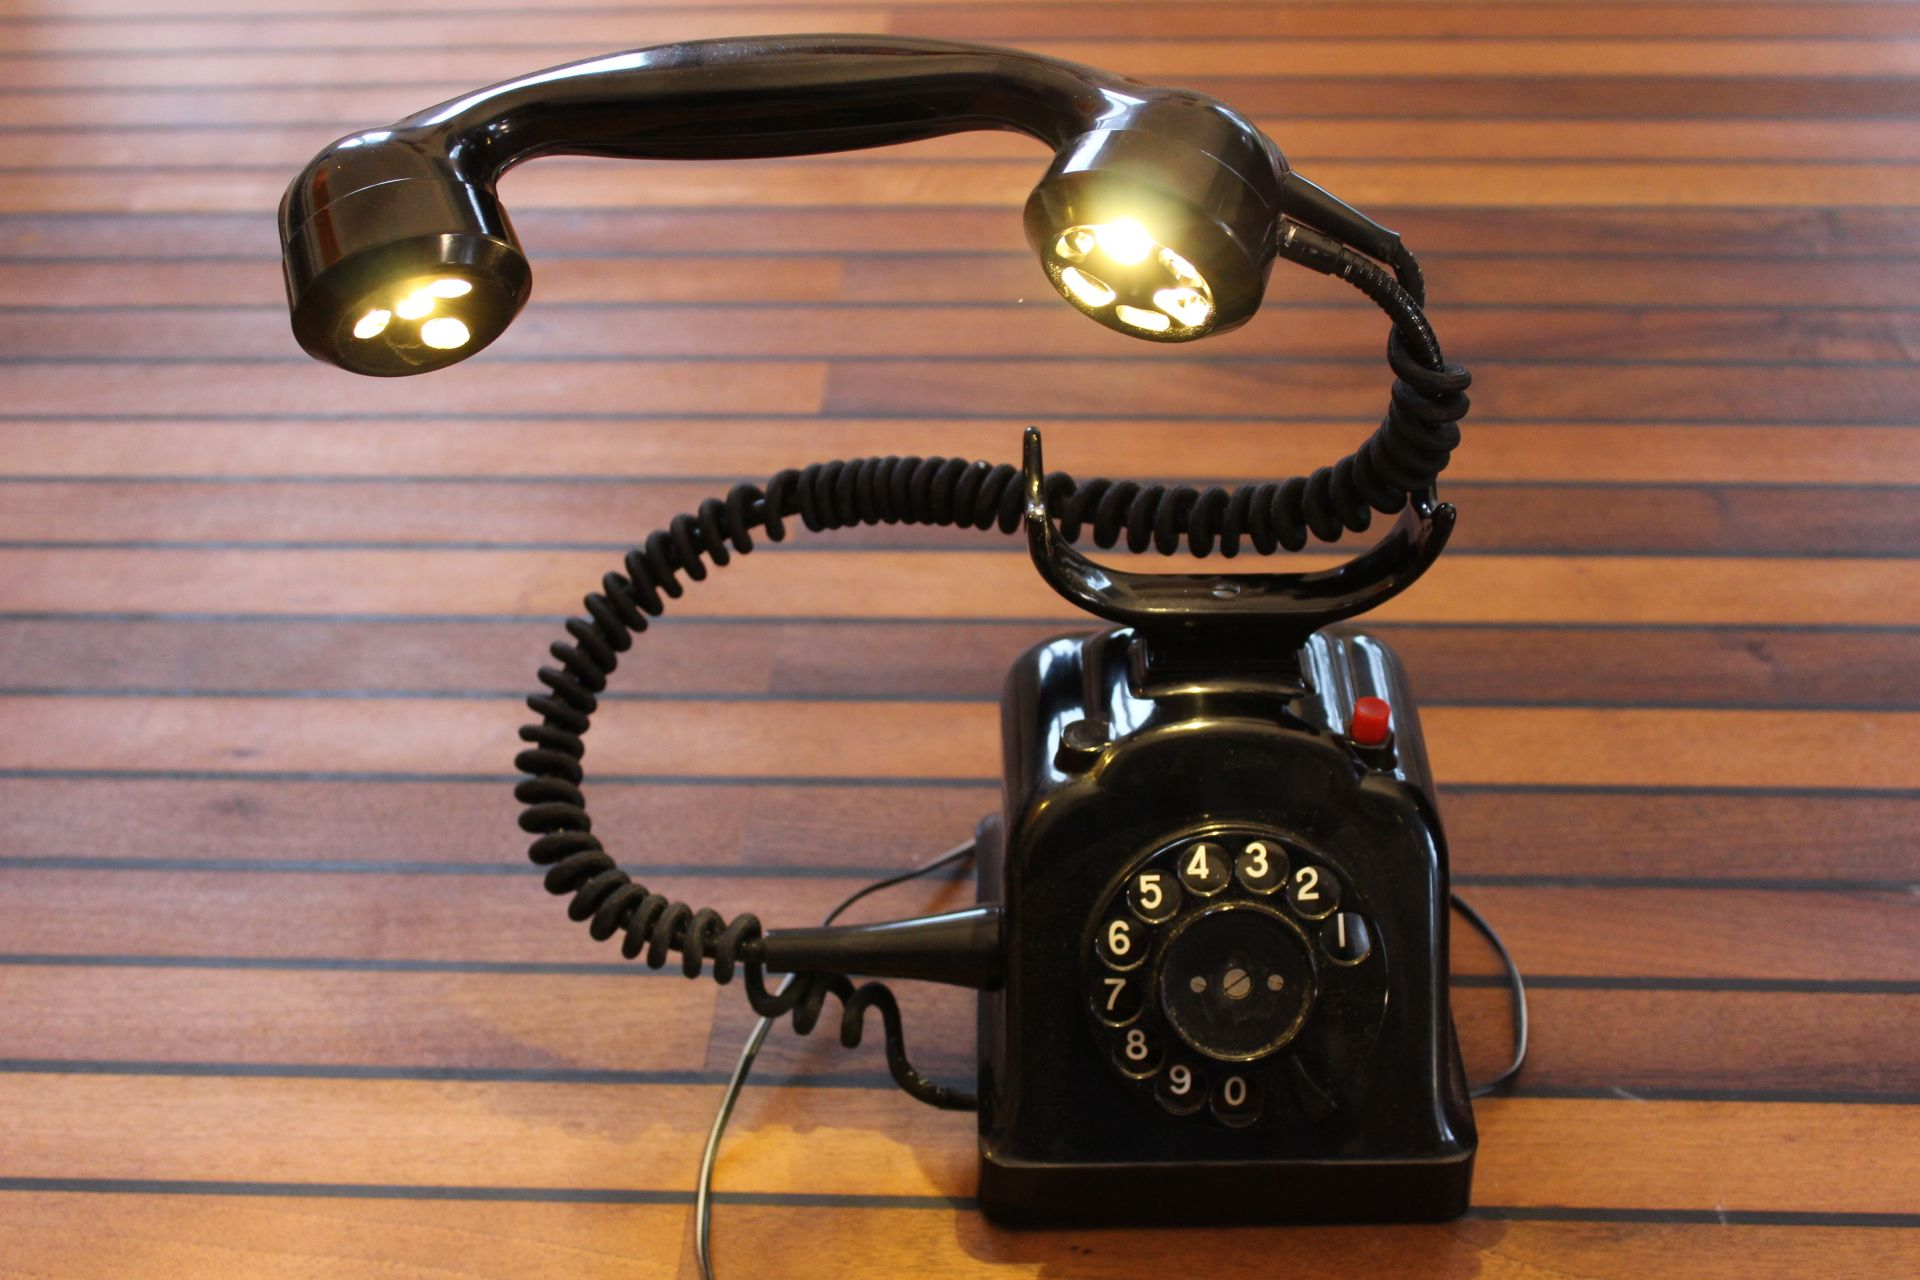 Lampe Leuchte Telefon Diy Upcycle Recycle Selber Gebaute